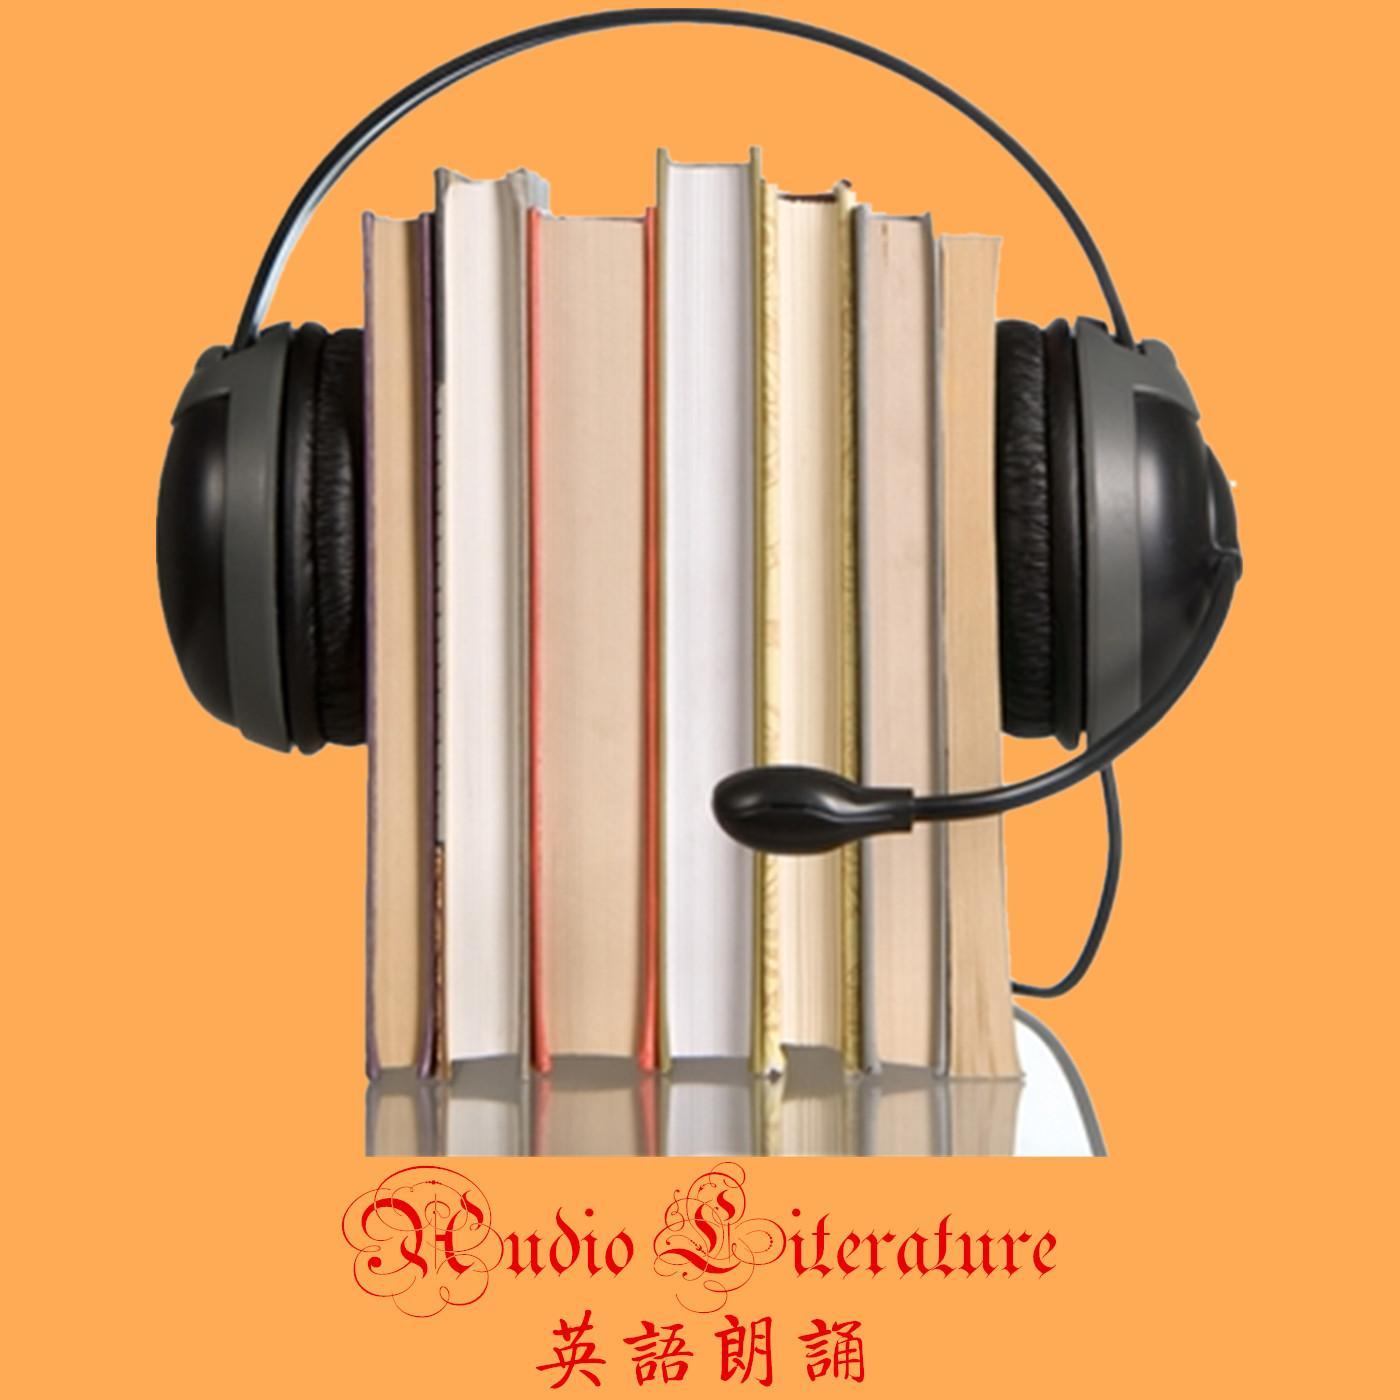 <![CDATA[Audio Literature 英语朗诵]]>